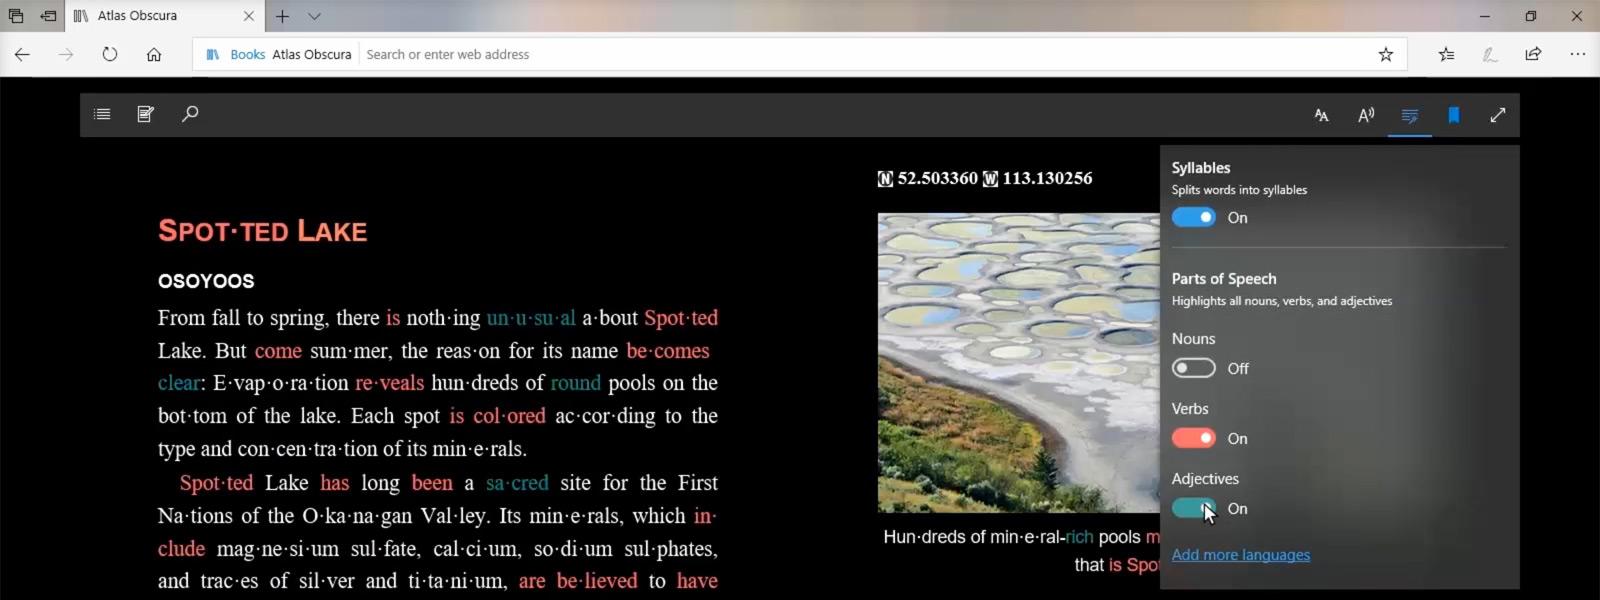 Ảnh chụp màn hình chức năng Công cụ Học tập tô sáng danh từ, động từ và tính từ trên một trang web